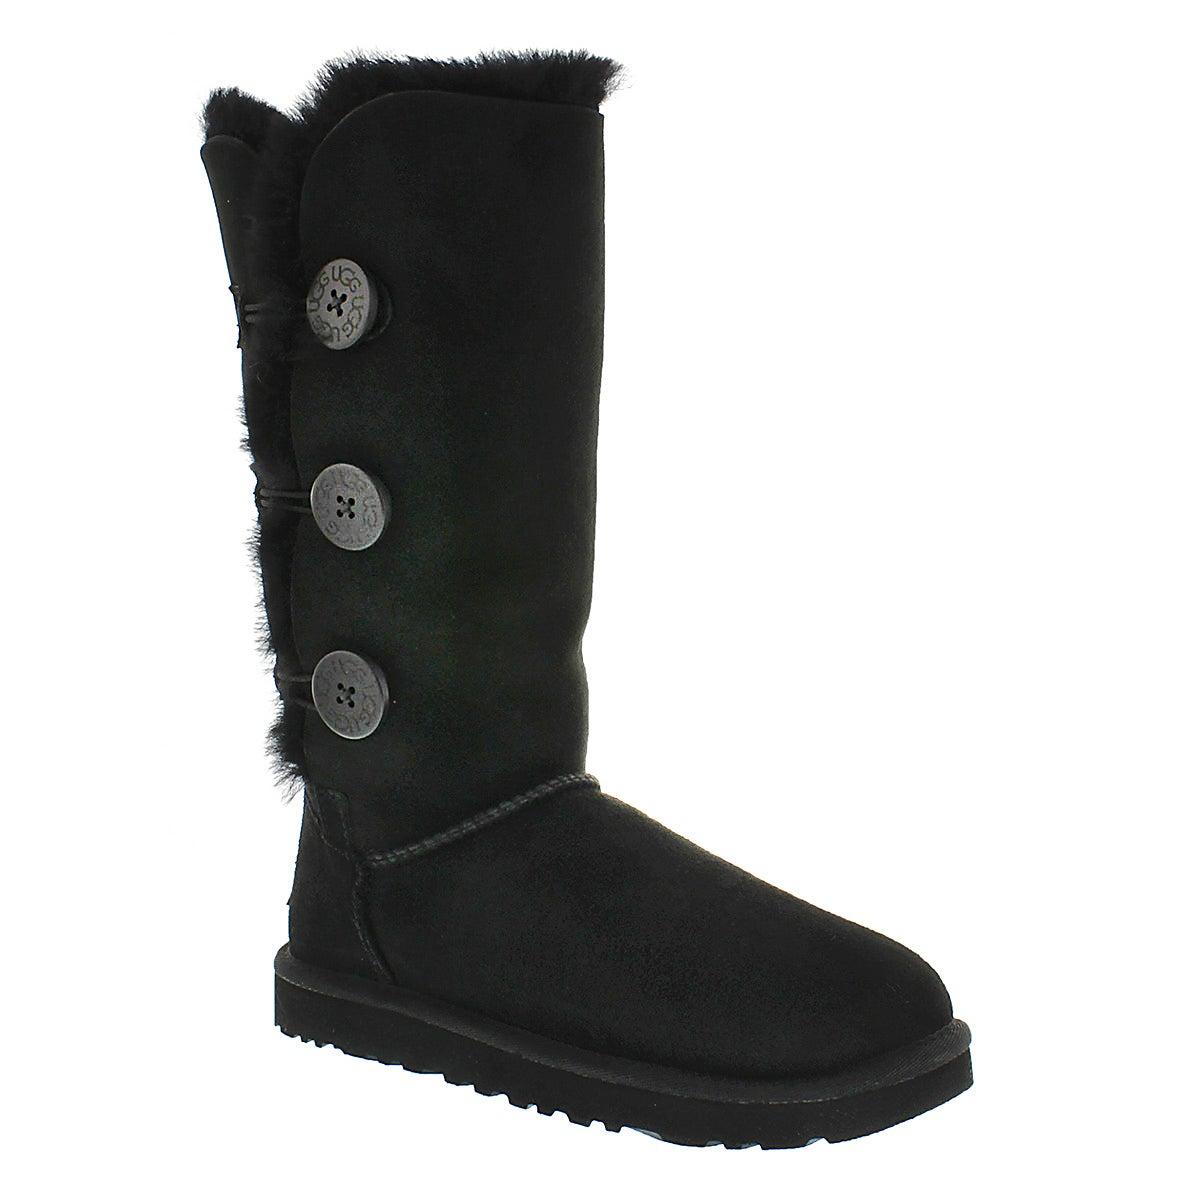 Lds Bailey Triplet black sheepskin boot